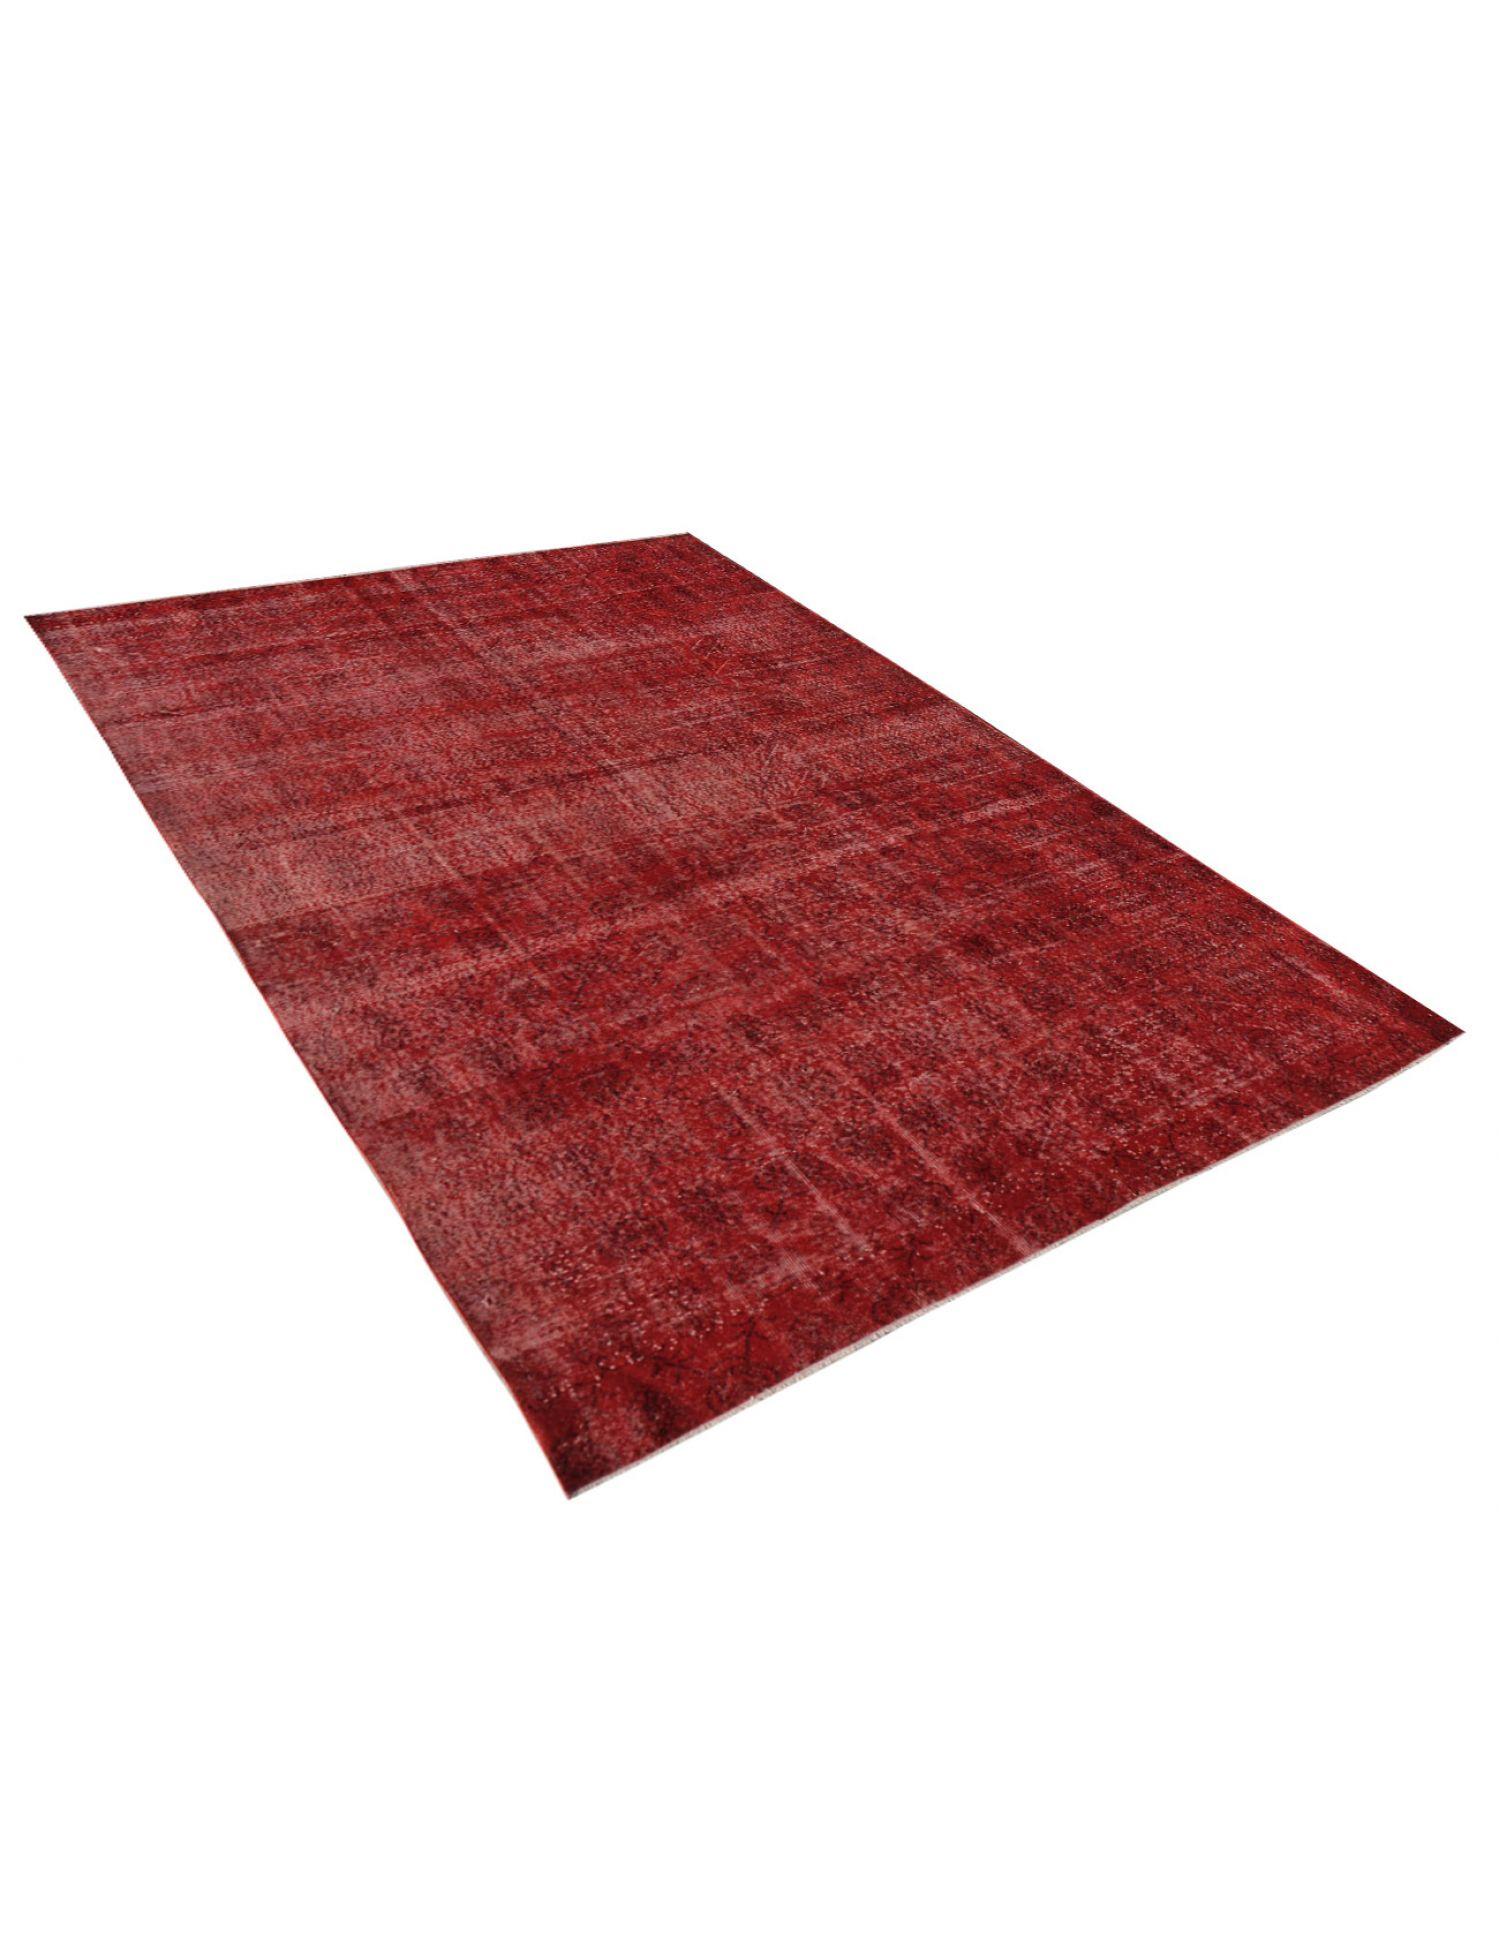 Vintage Carpet  red <br/>319 x 219 cm